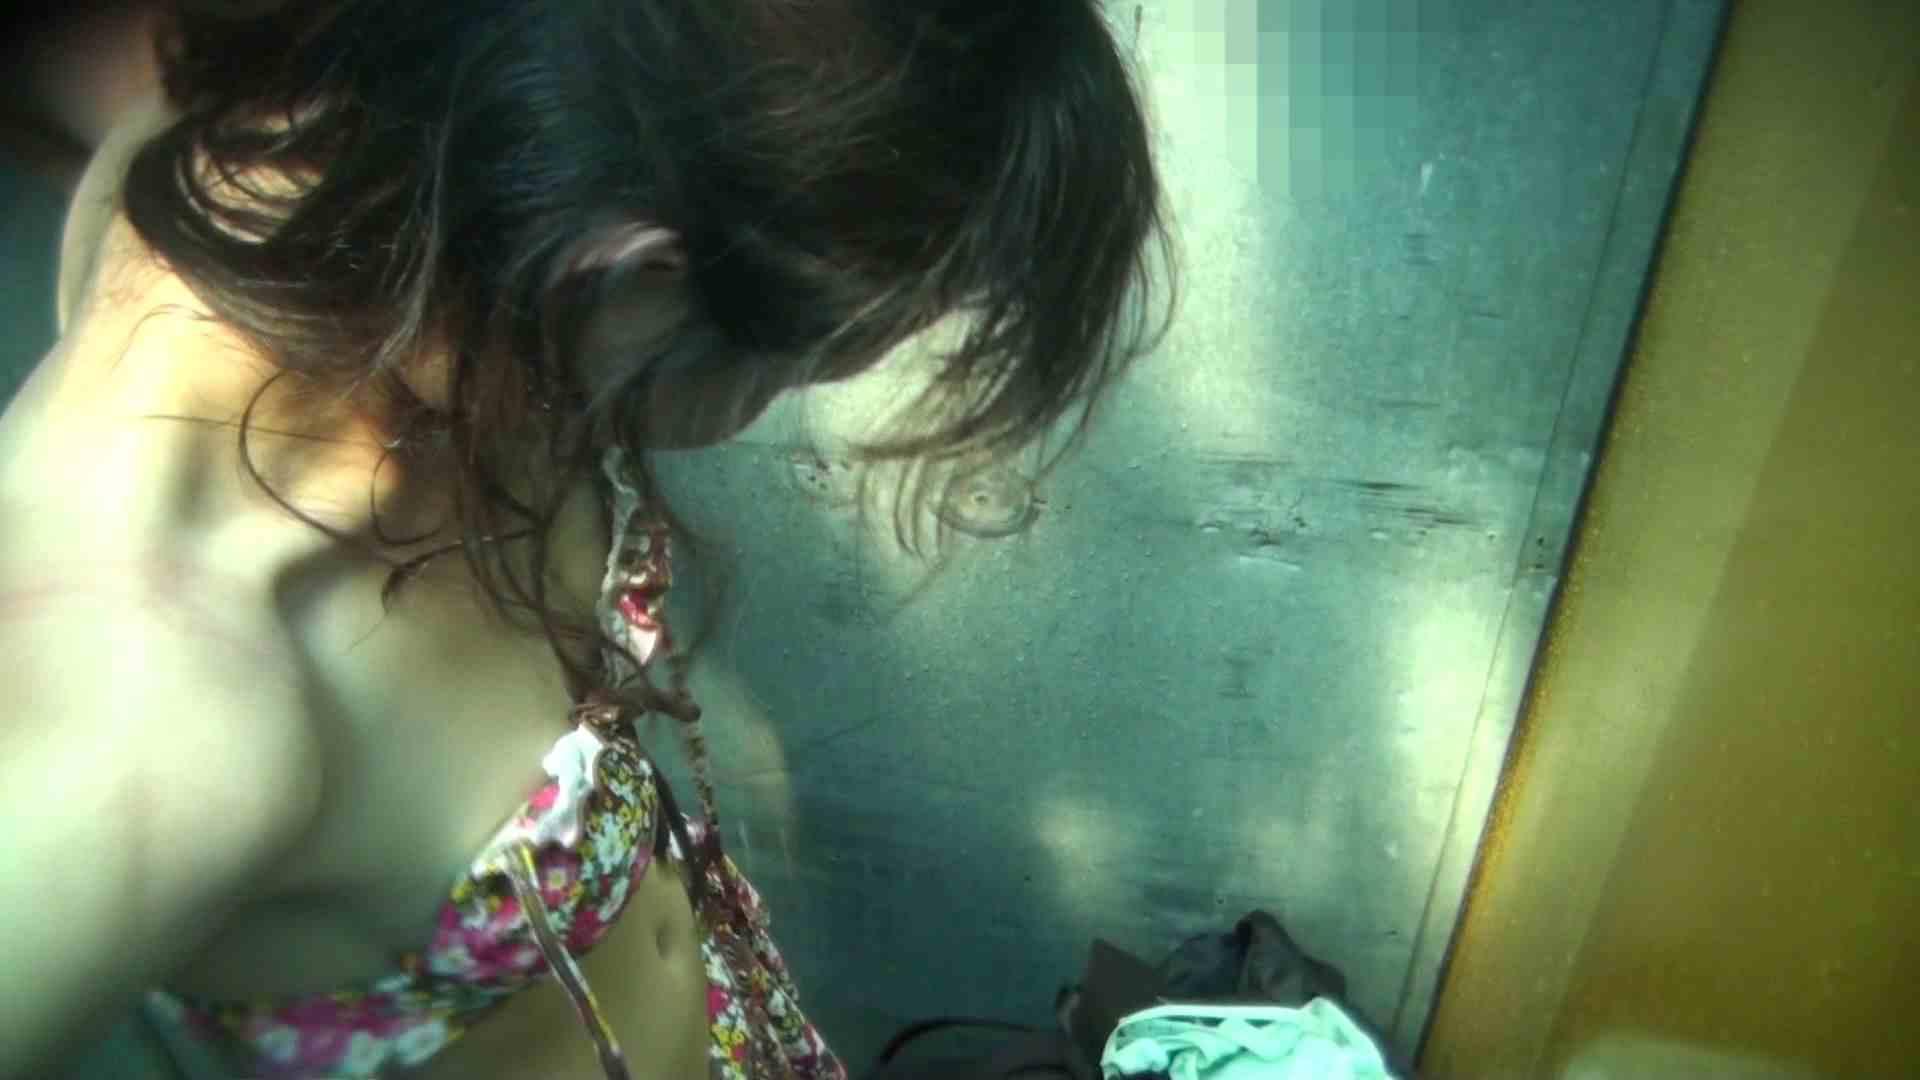 シャワールームは超!!危険な香りVol.16 意外に乳首は年増のそれ エロティックなOL  105画像 30